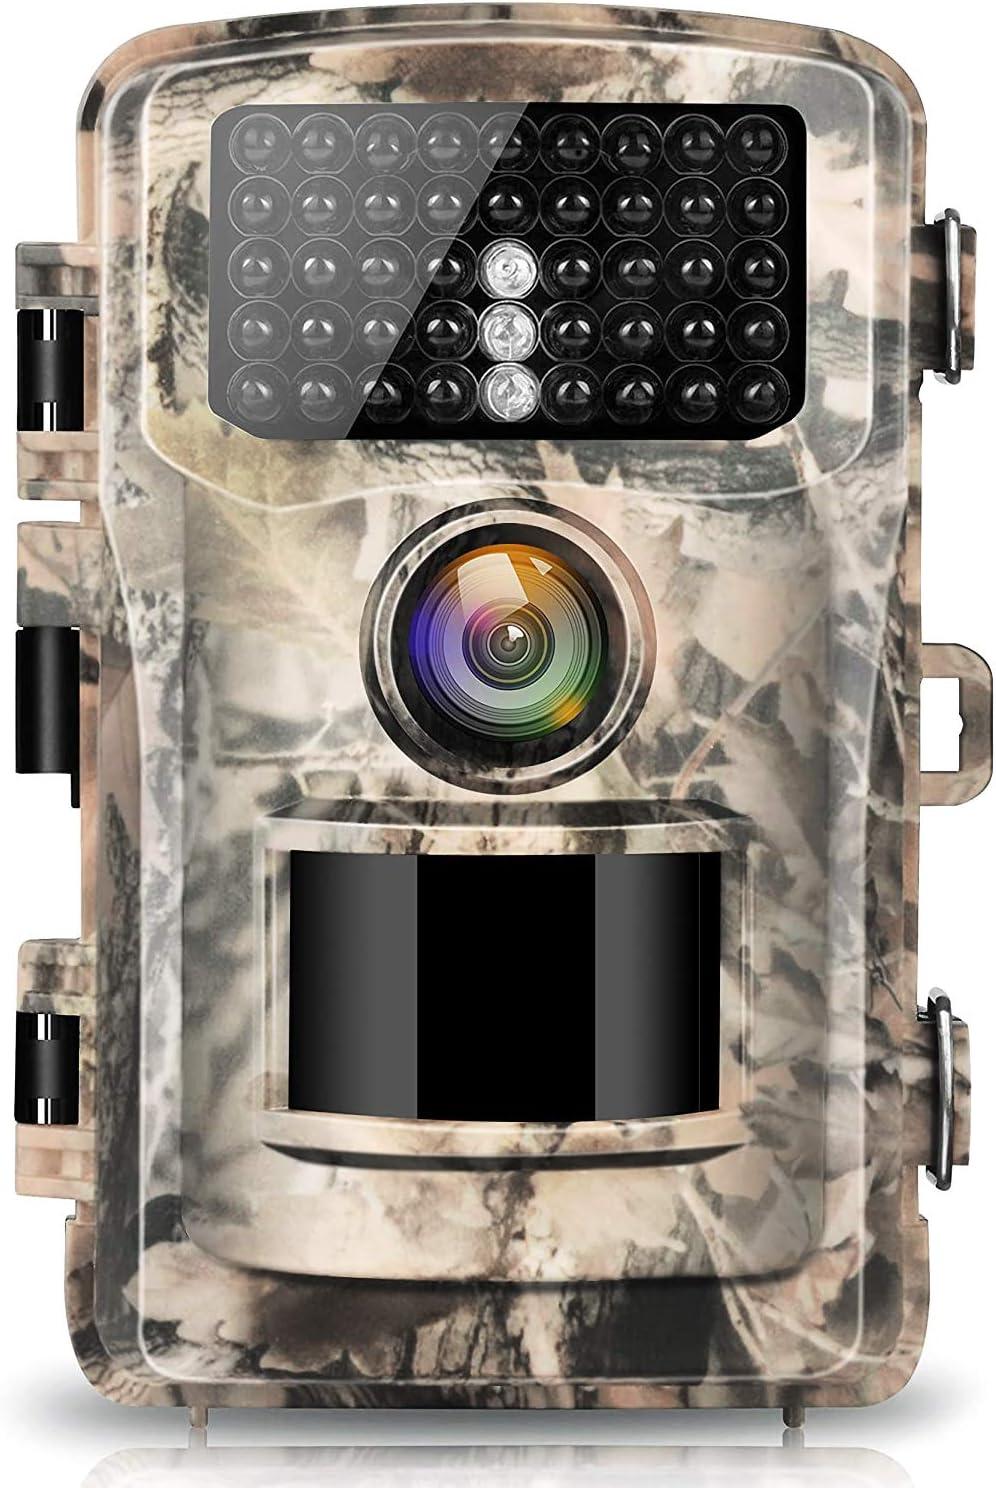 32GB Micro SDHC Card Memory For CAMPARK T21 Mini Trail Camera 16MP 1080P Full HD